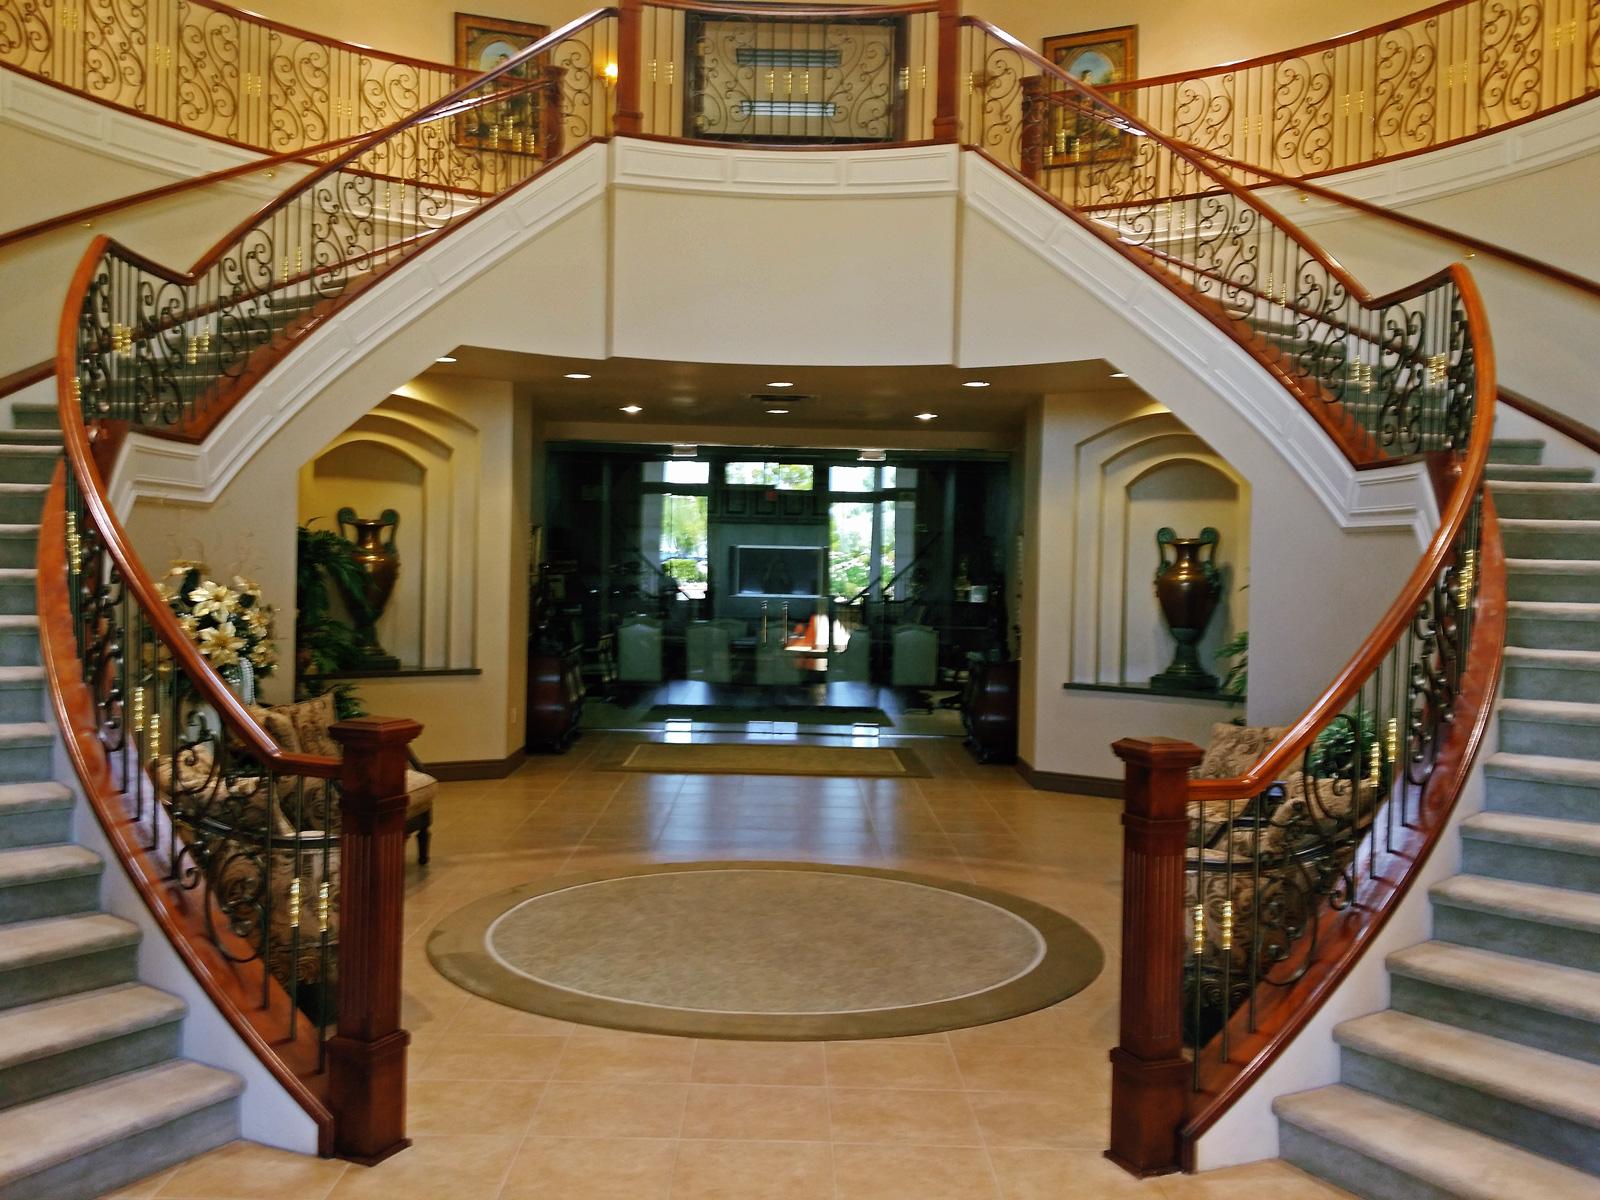 Tuscany Circular Grand Staircase